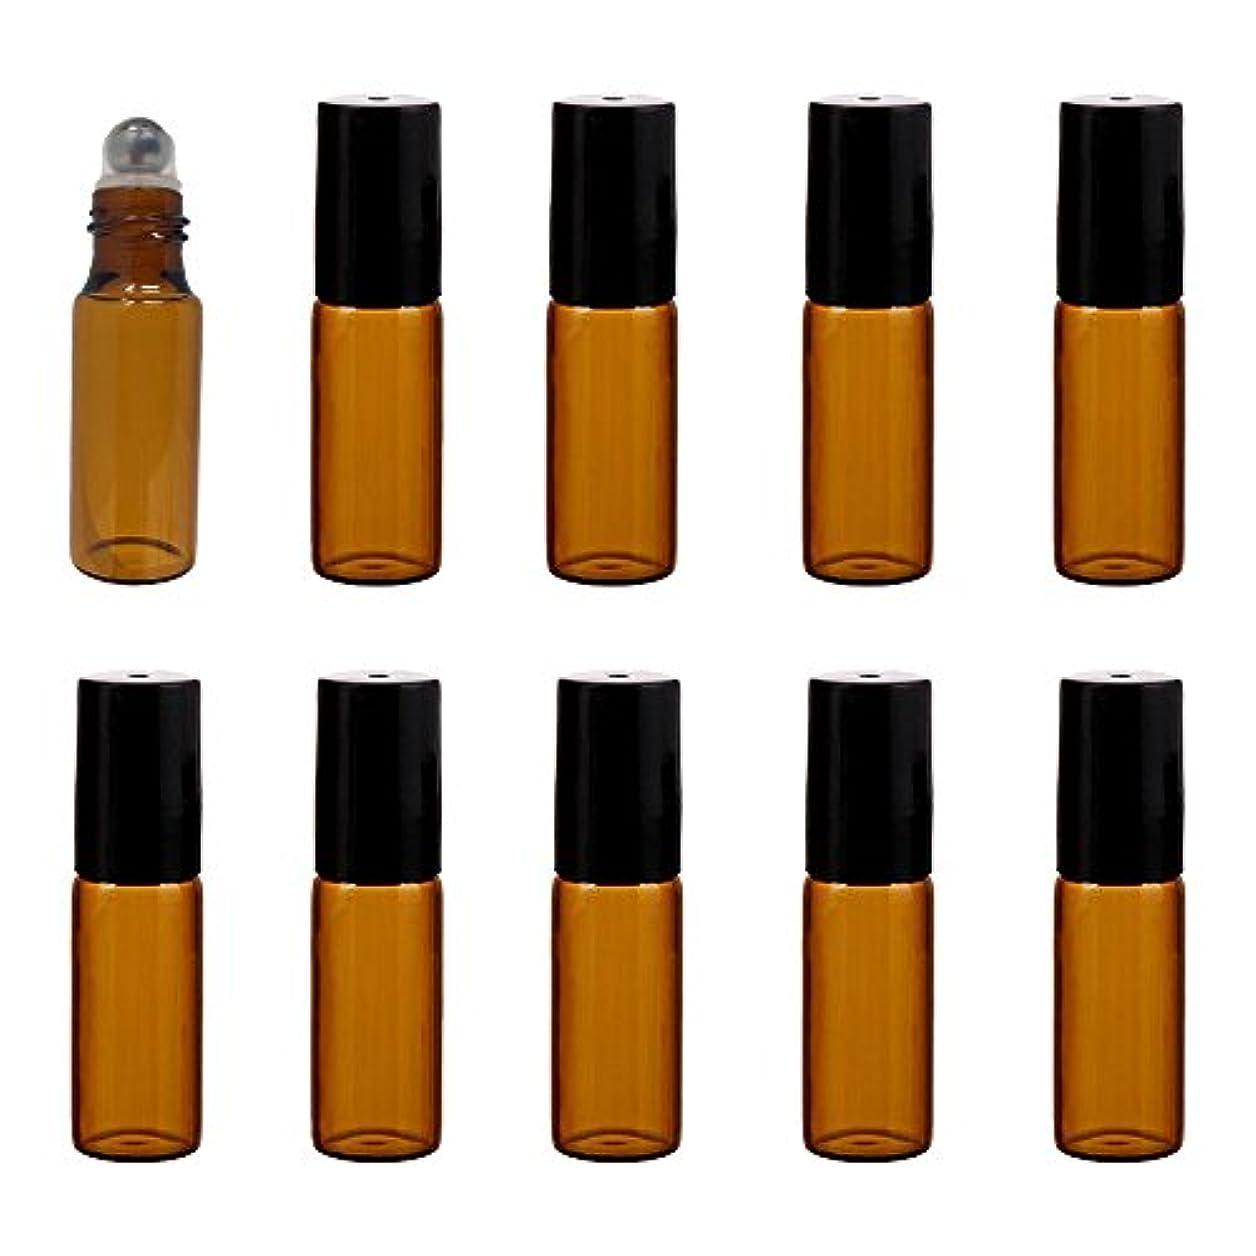 ワーディアンケース煩わしい締める(pkpohs) ロールオンボトル 10本セット 小分け ボトル ガラス 瓶 ロールタイプ ガラスボール アロマオイル 香水 (ブラウン, 5ml)